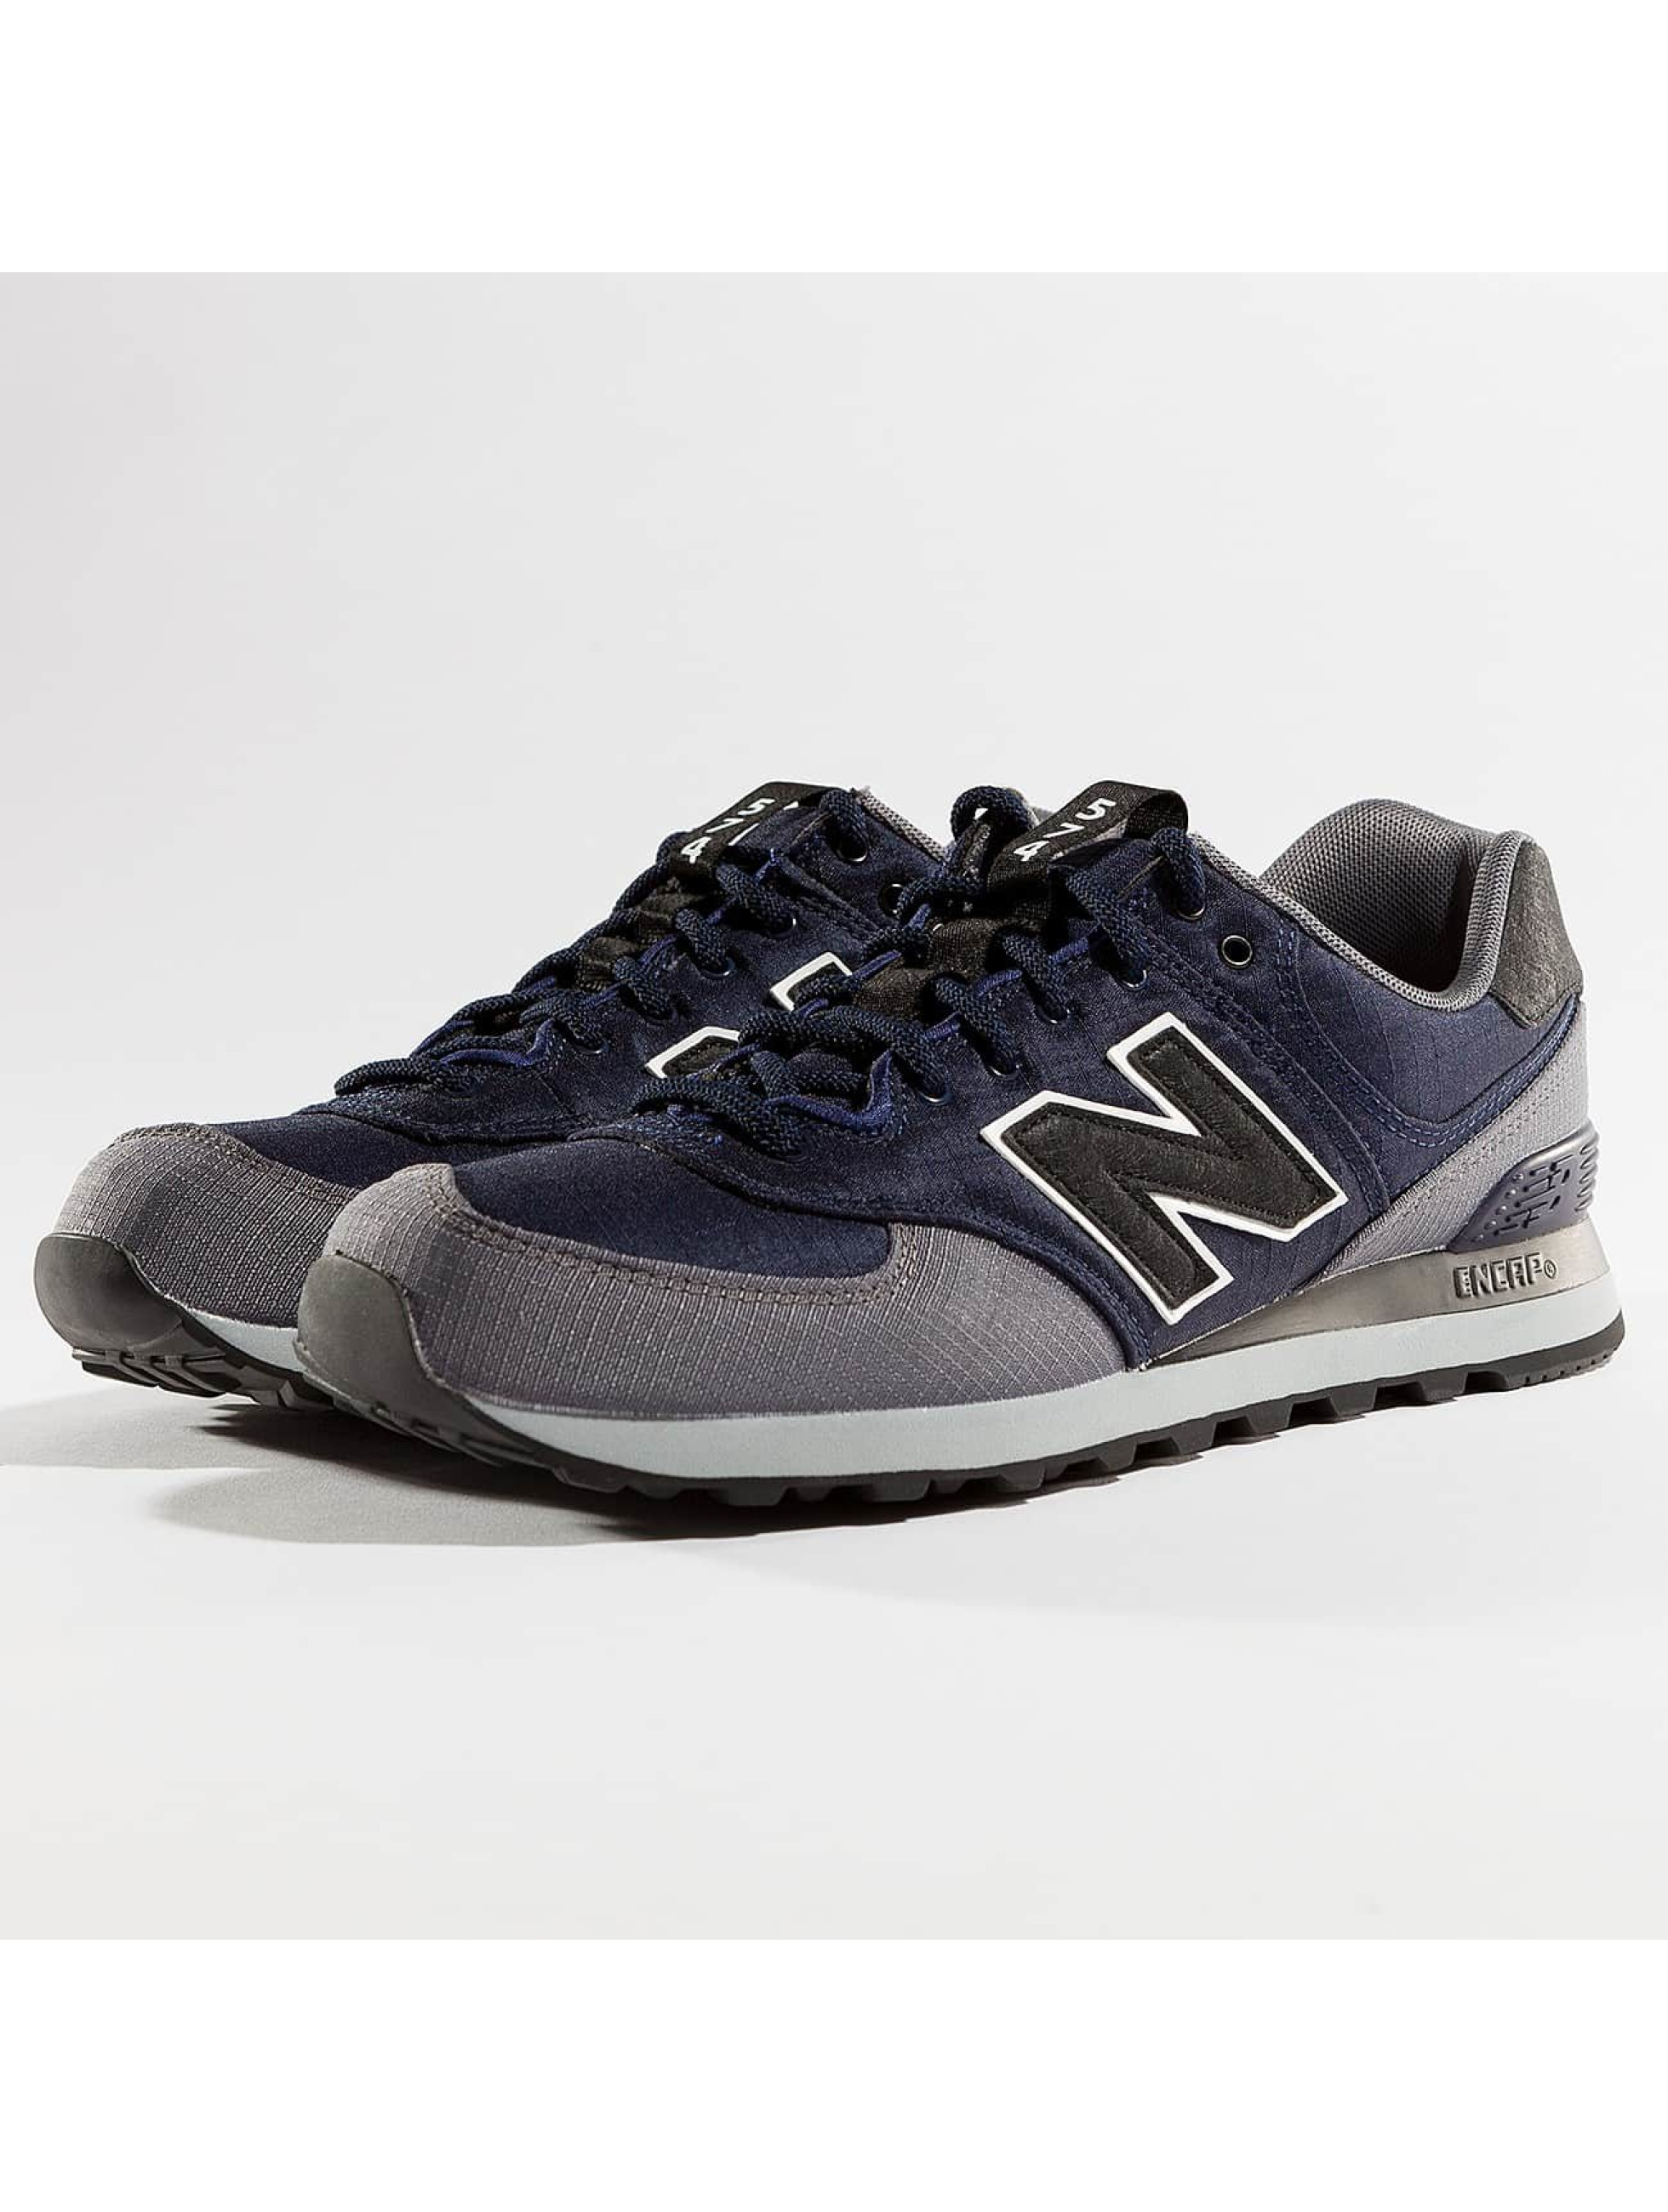 De Pack 597 Bastops Chaussures New Sport Chaussures Et Extérieur wxfqPvY6